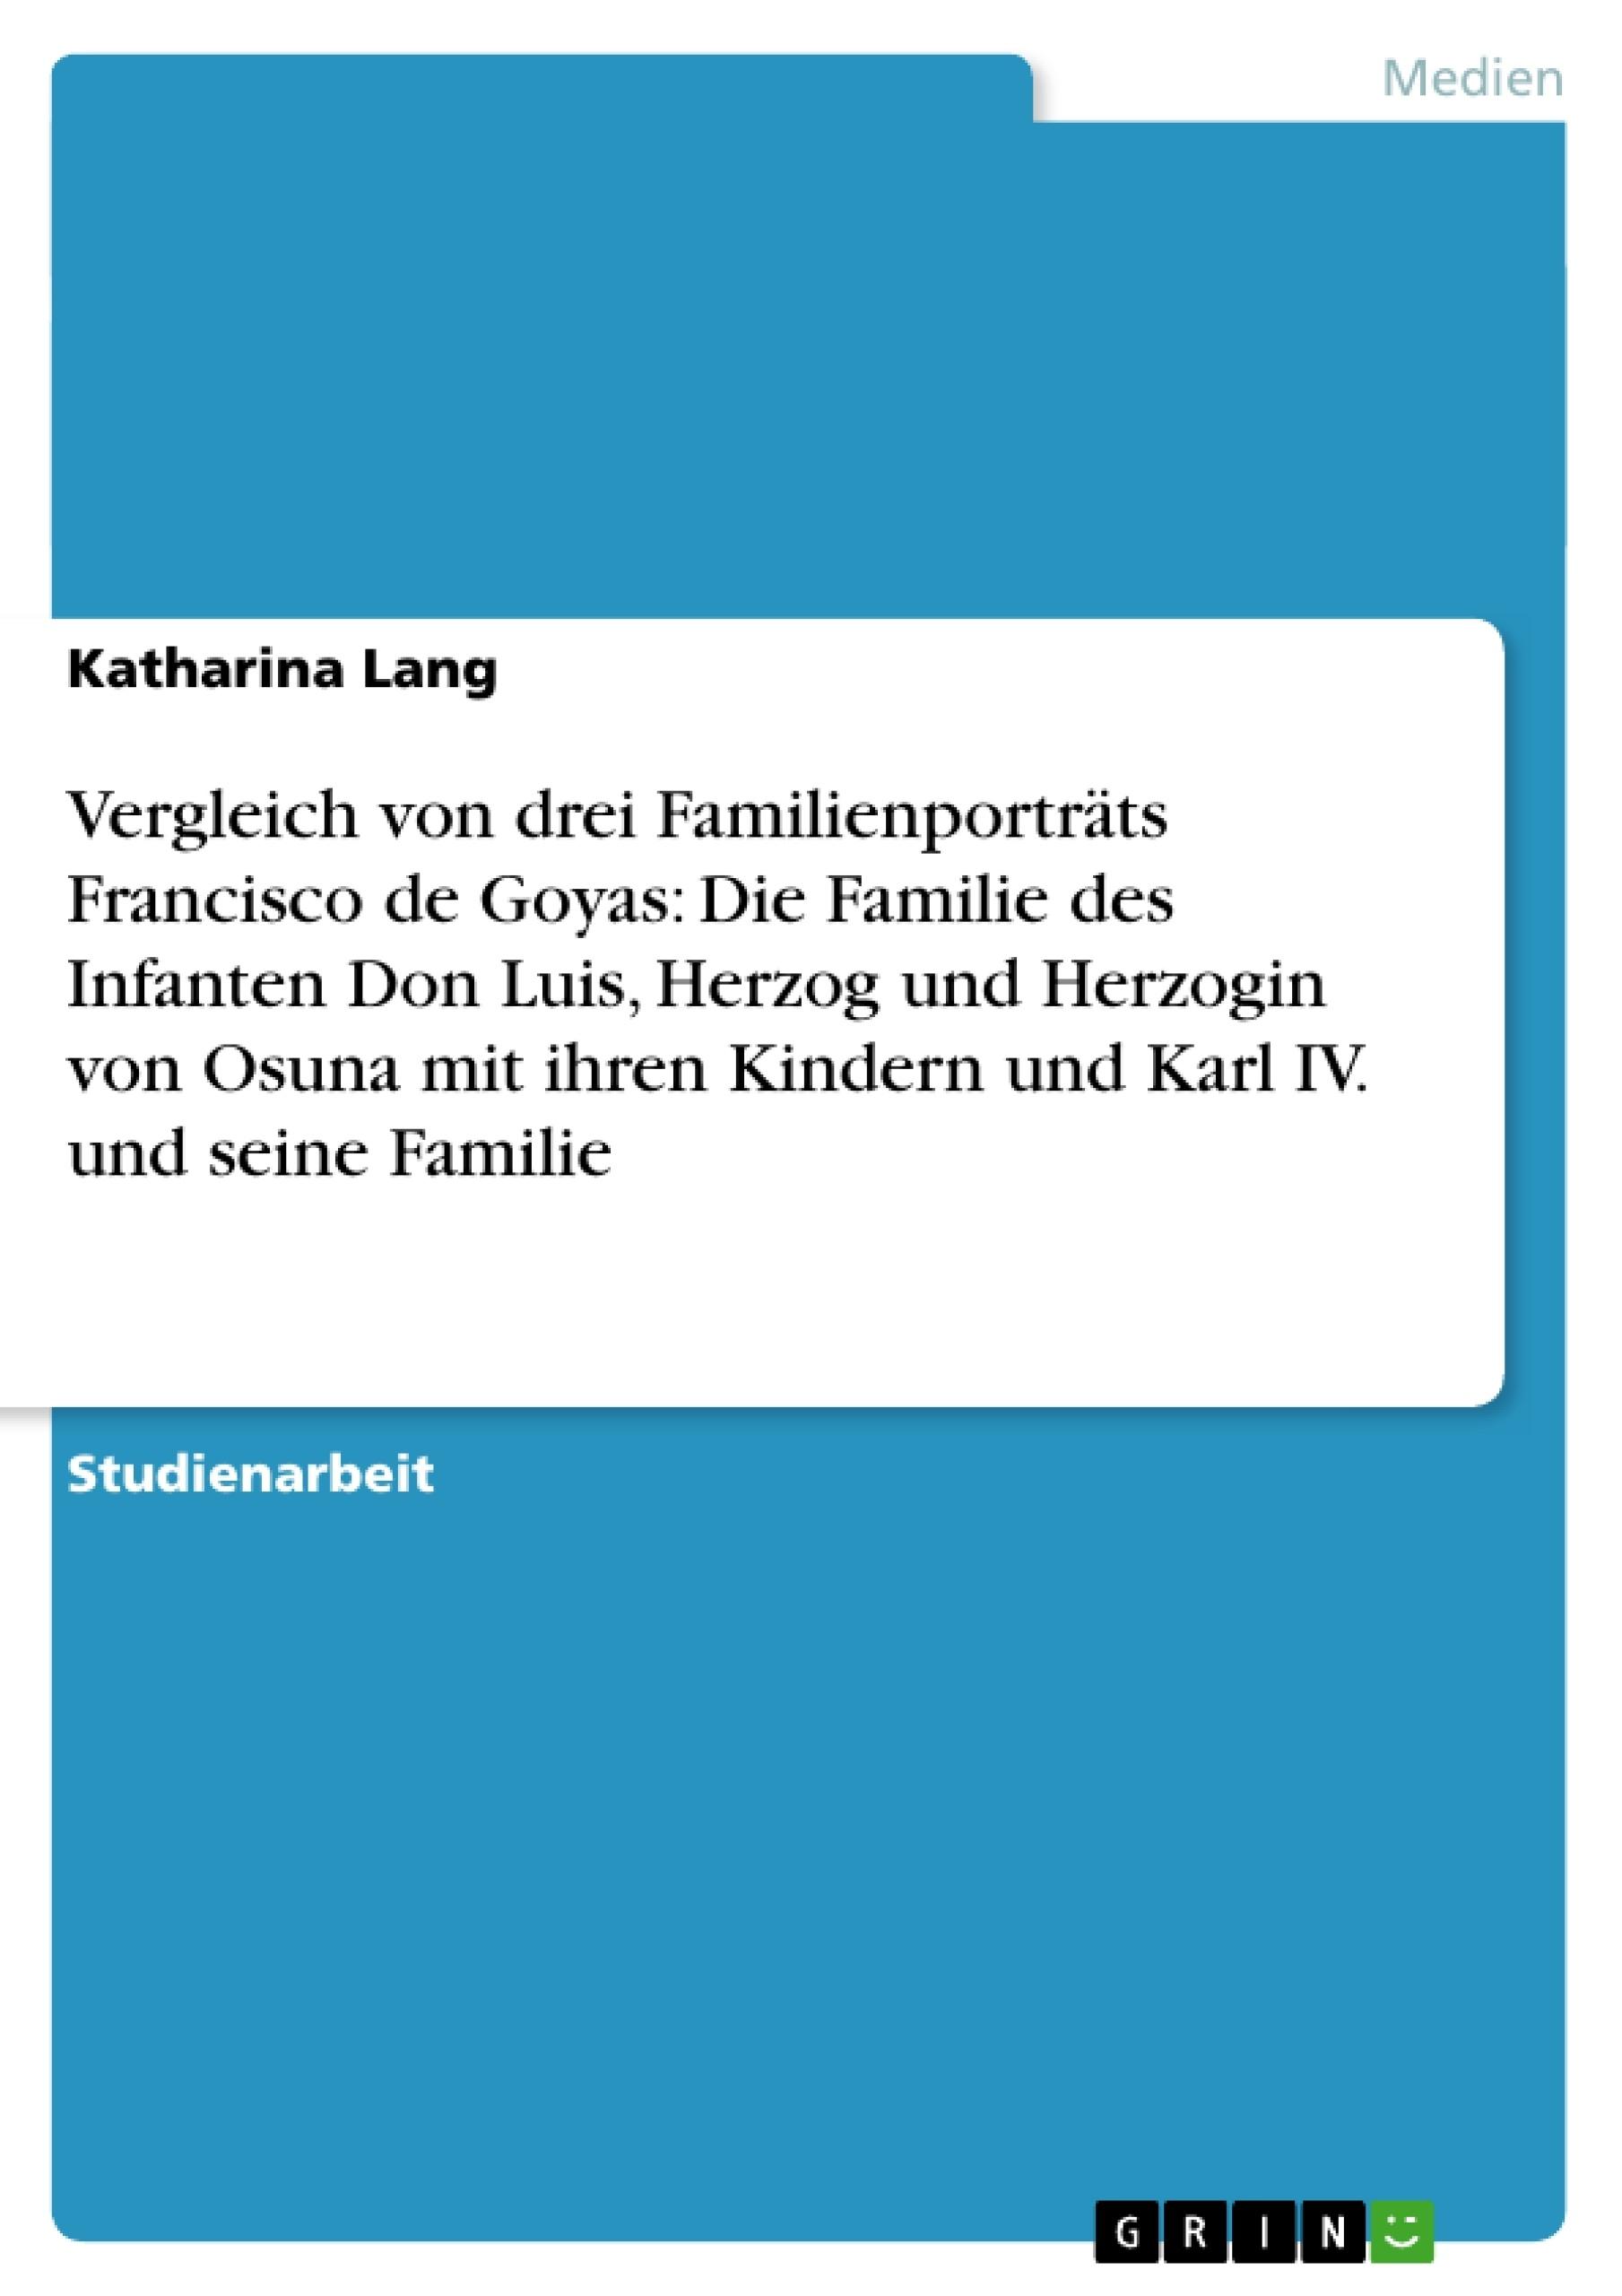 Titel: Vergleich von drei Familienporträts Francisco de Goyas: Die Familie des Infanten Don Luis, Herzog und Herzogin von Osuna mit ihren Kindern und Karl IV. und seine Familie